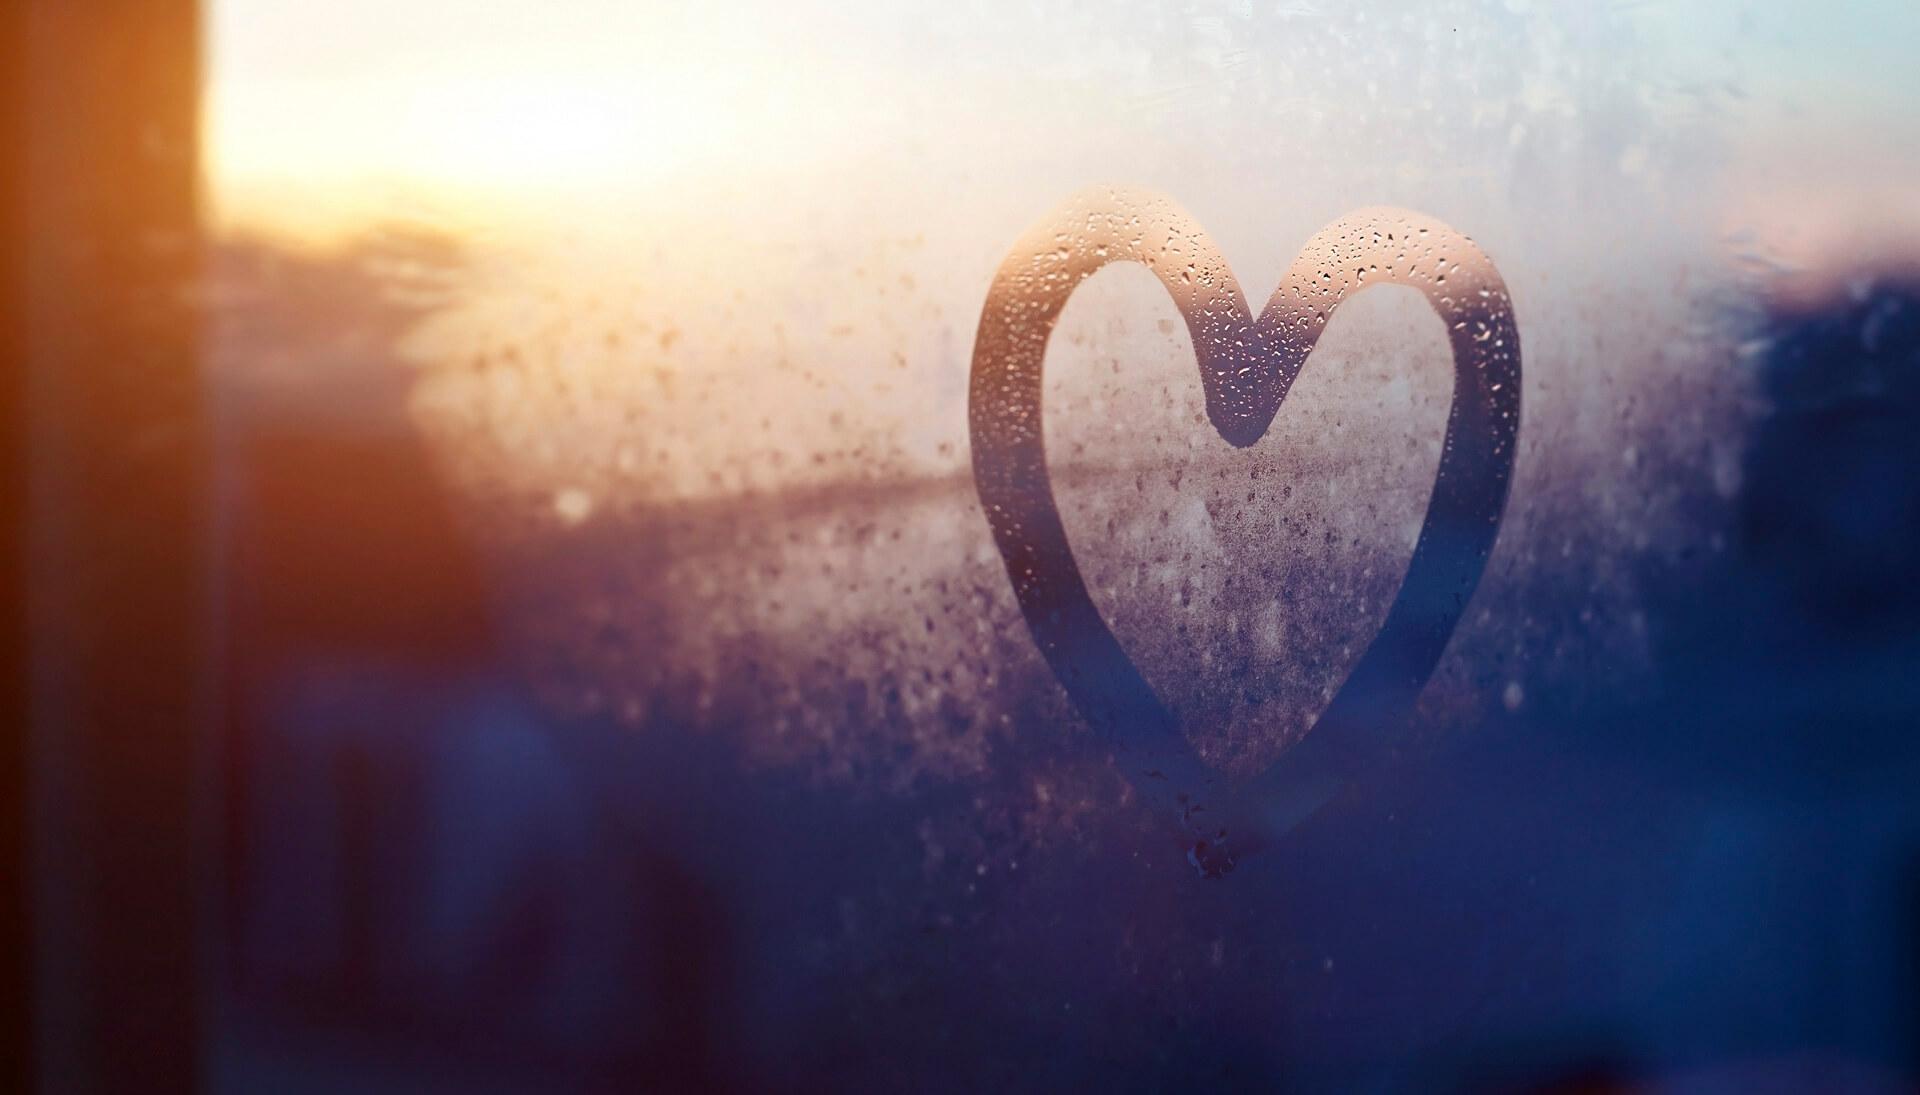 rakkaus tulkinnat